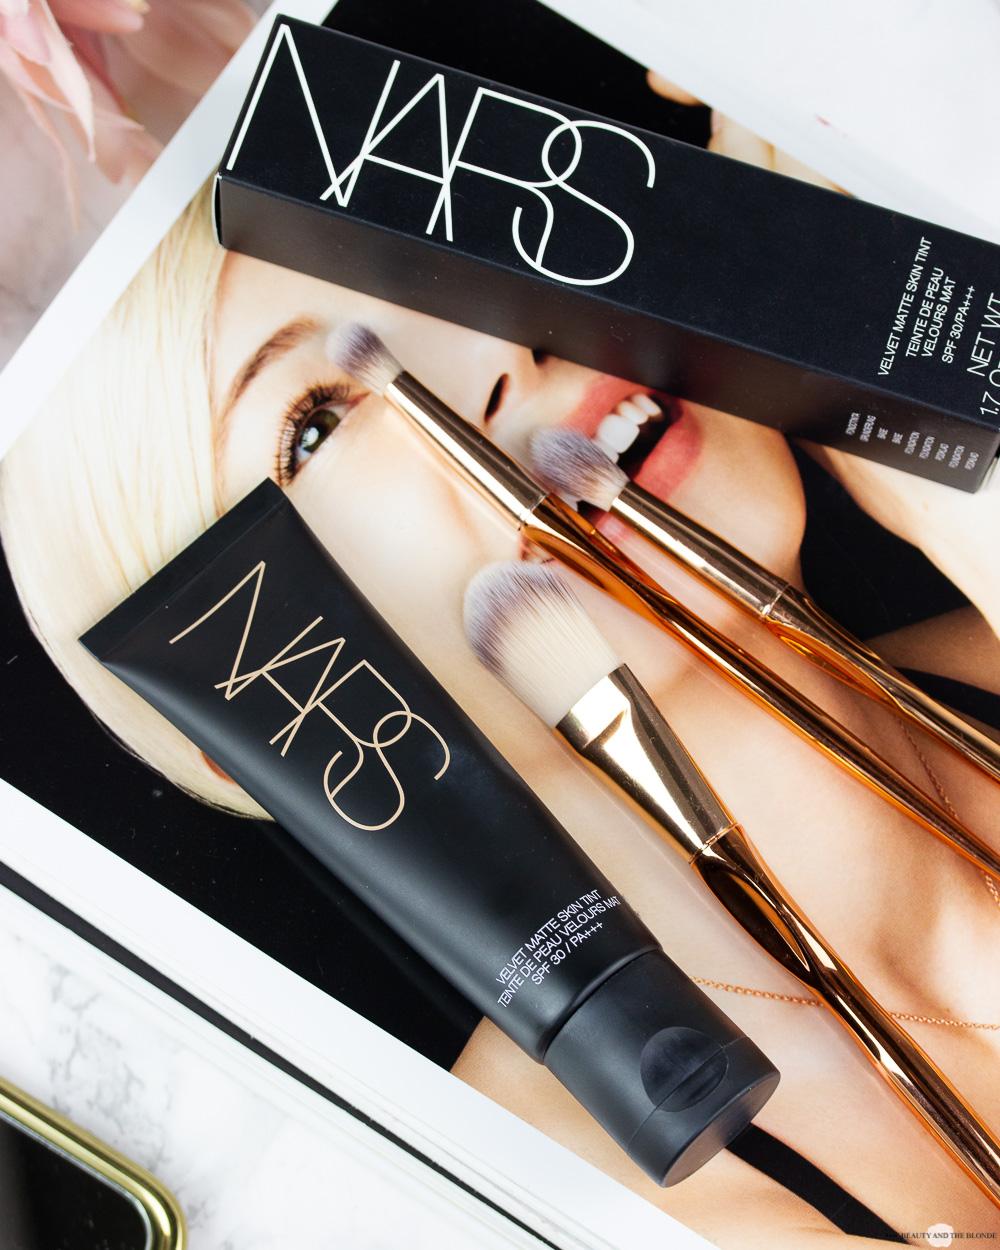 NARS Velvet Matte Skin Tint Alaska Review